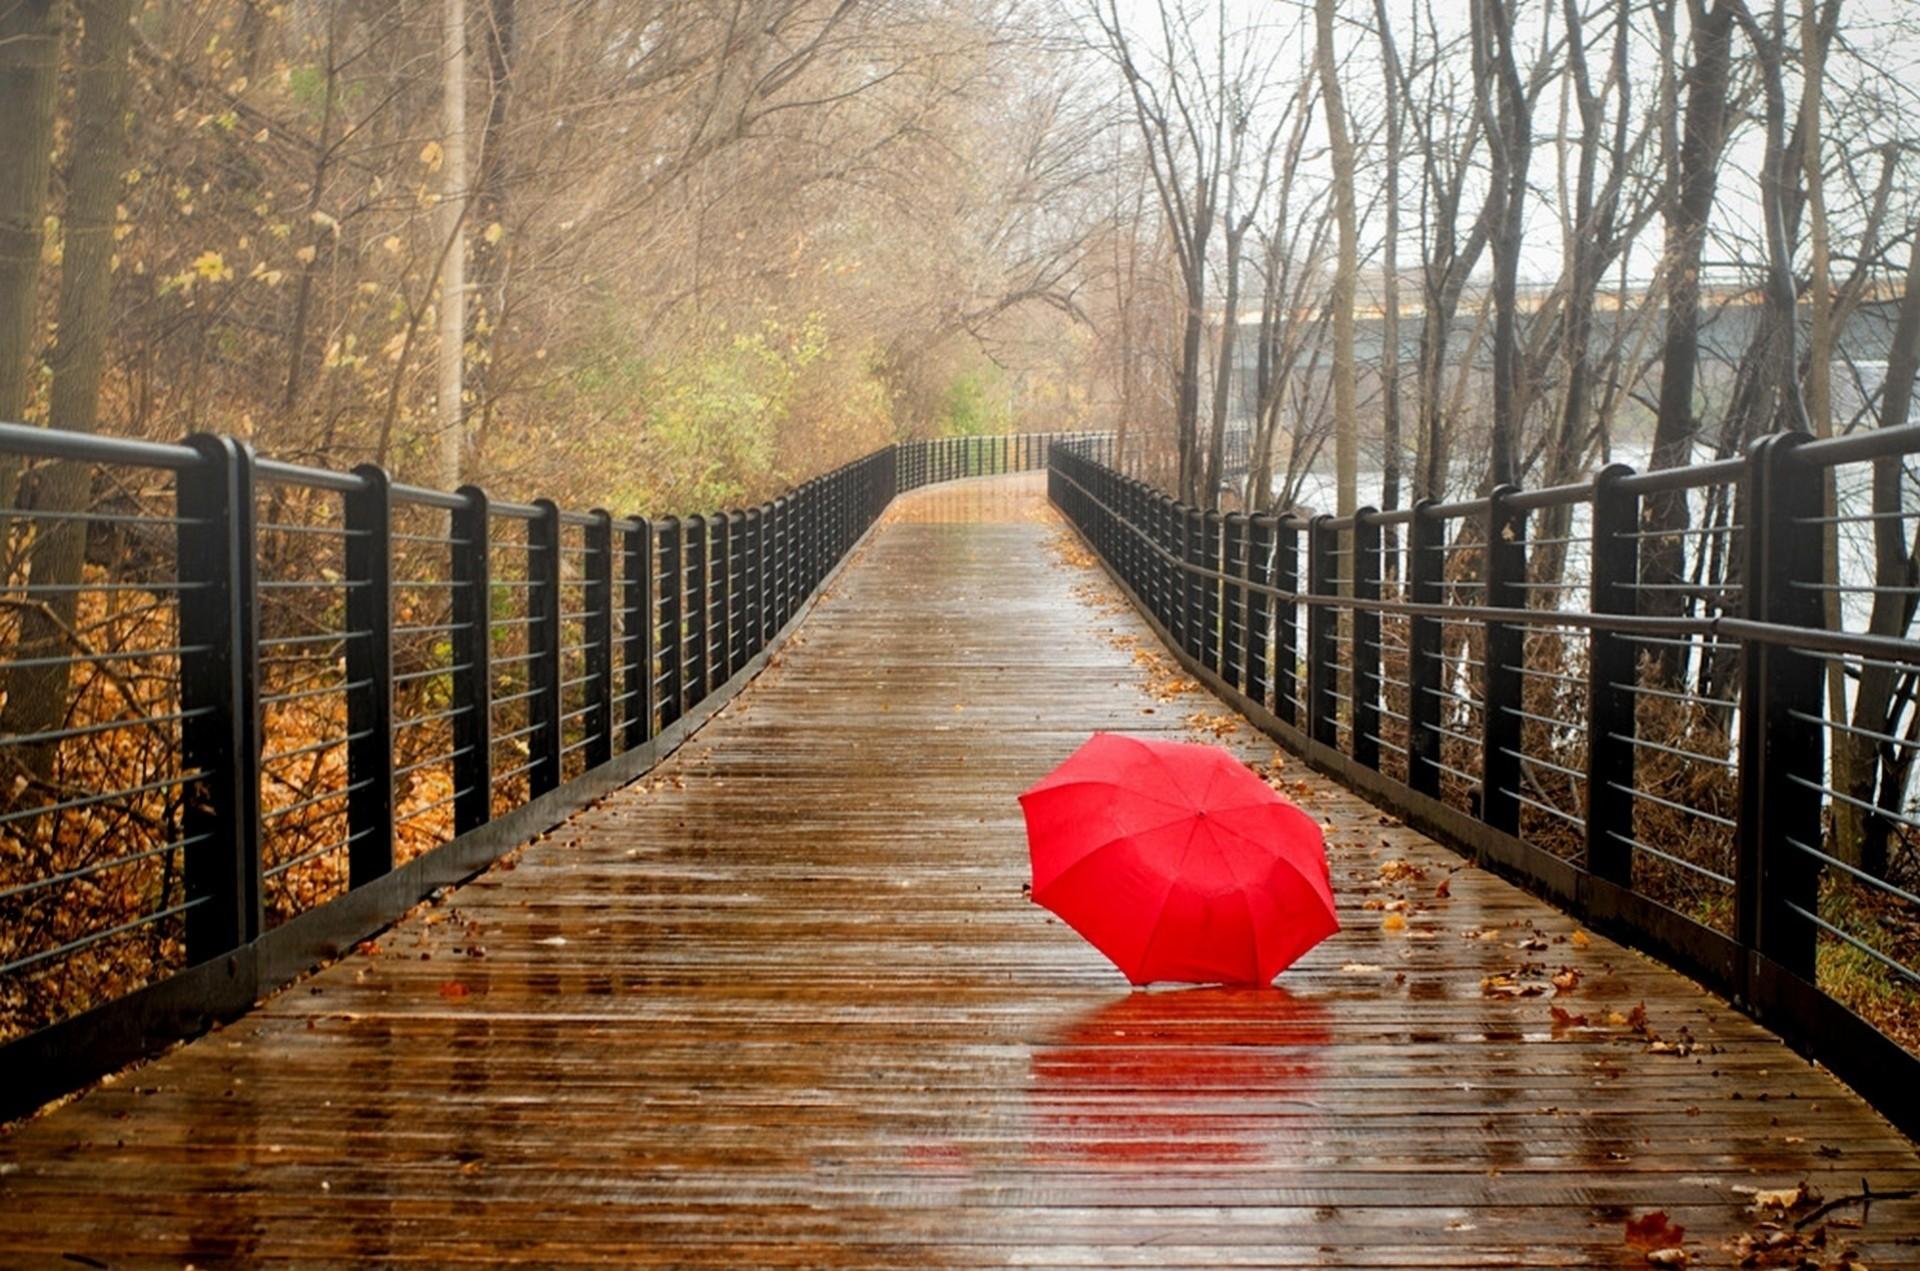 С зонтиком в лесу  № 3394123 загрузить